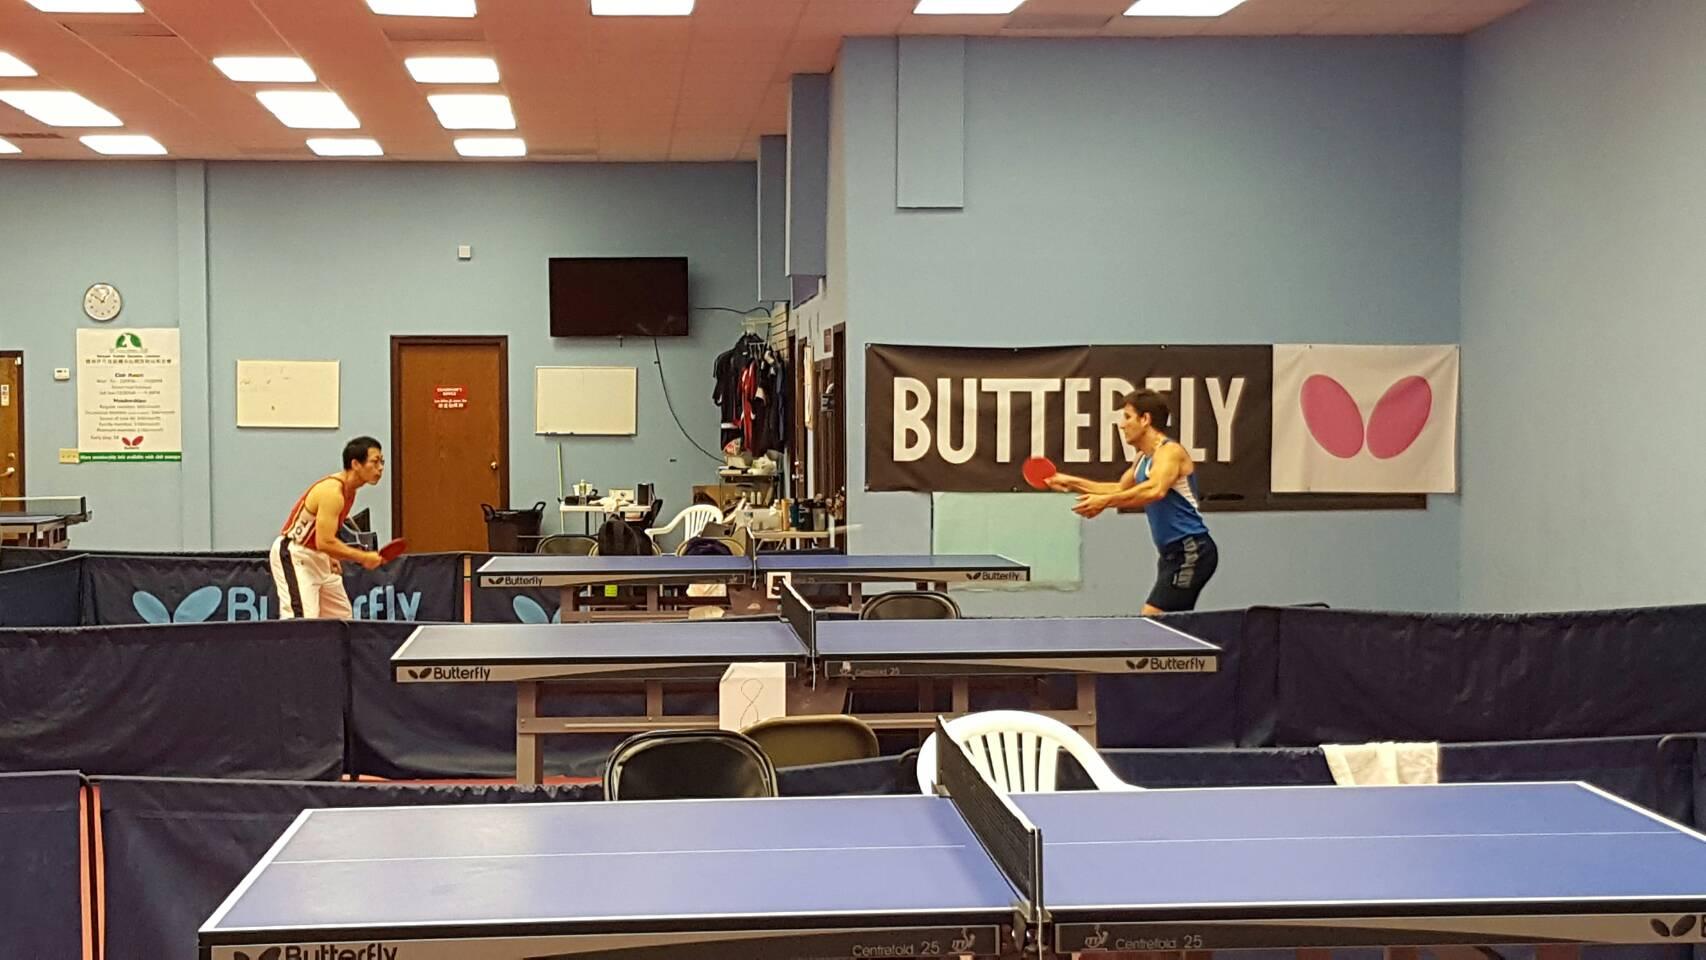 德州乒乓訓練中心